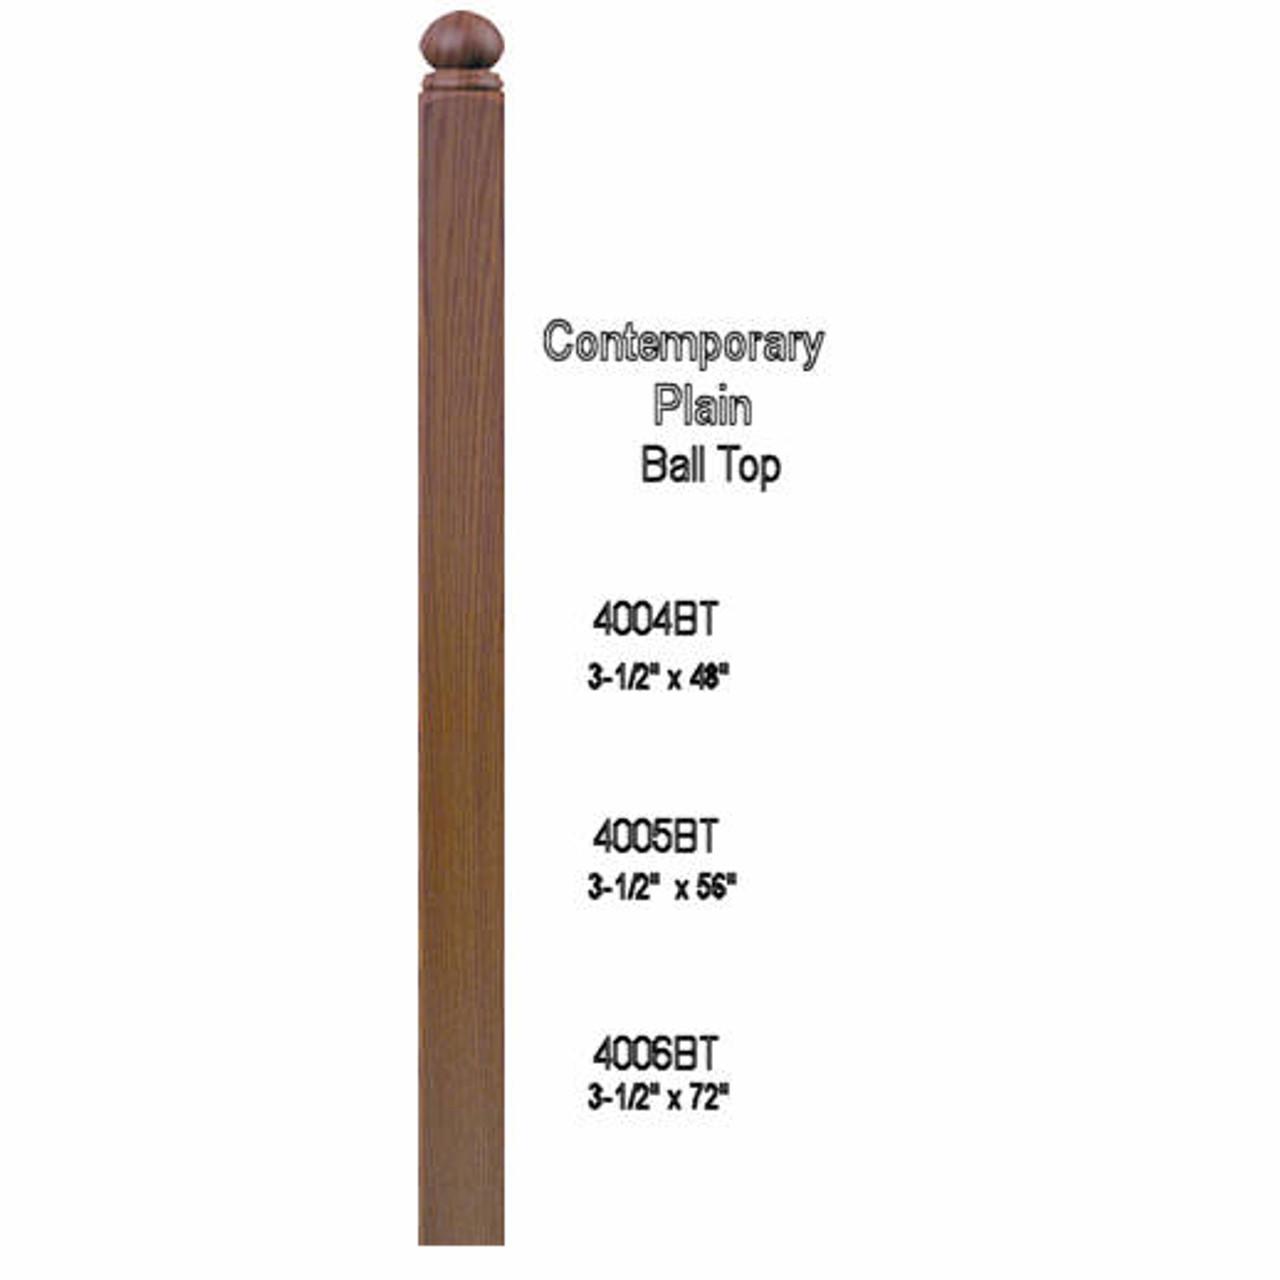 """4005BT 56"""" Ball Top S4S Newel Post (2)"""